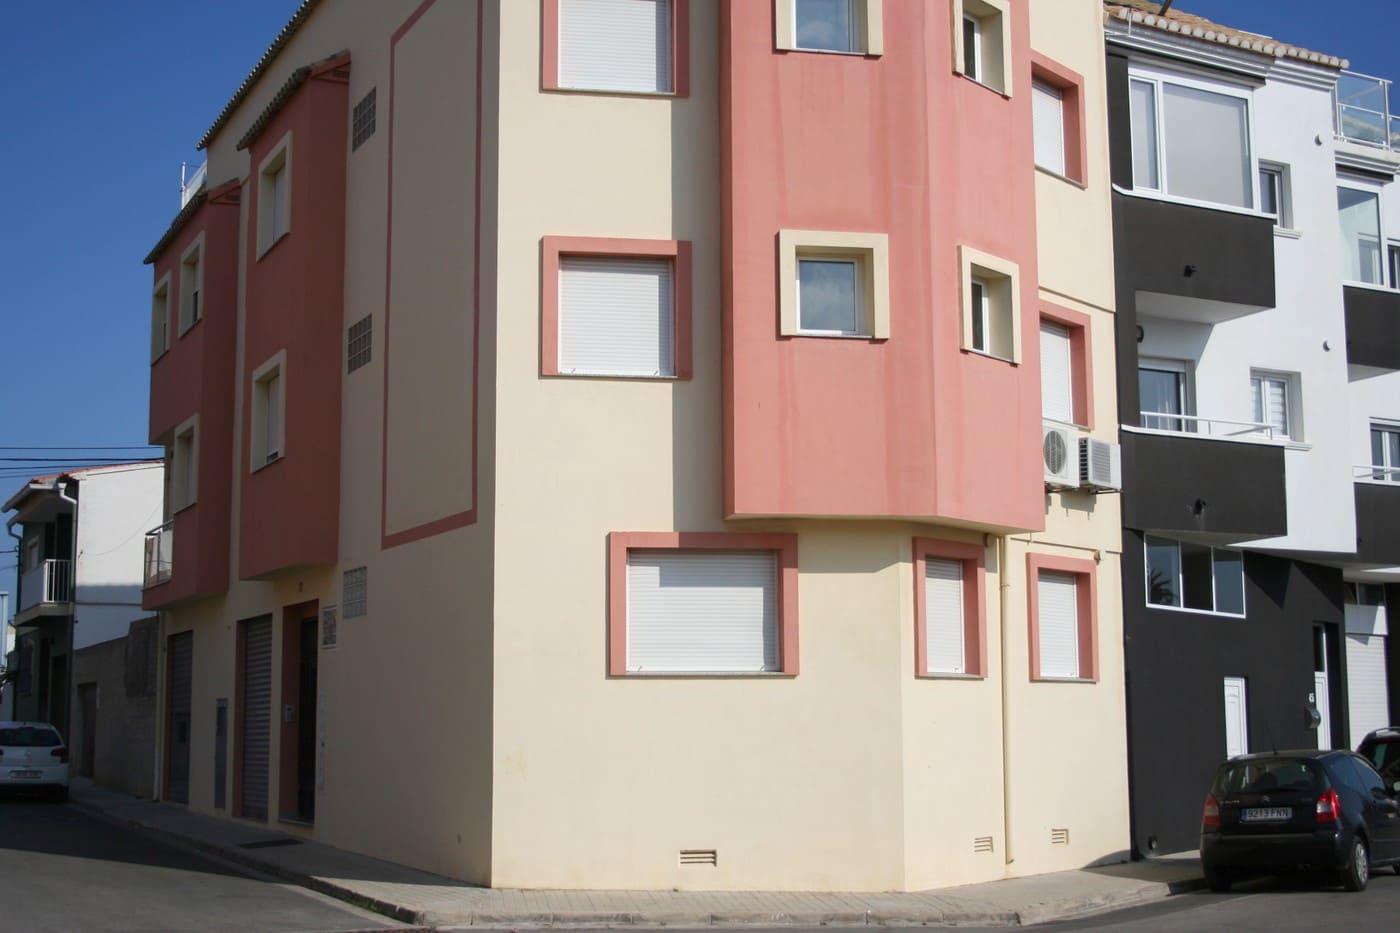 Piso de 2 habitaciones en Ondara en venta - 73.500 € (Ref: 4480624)